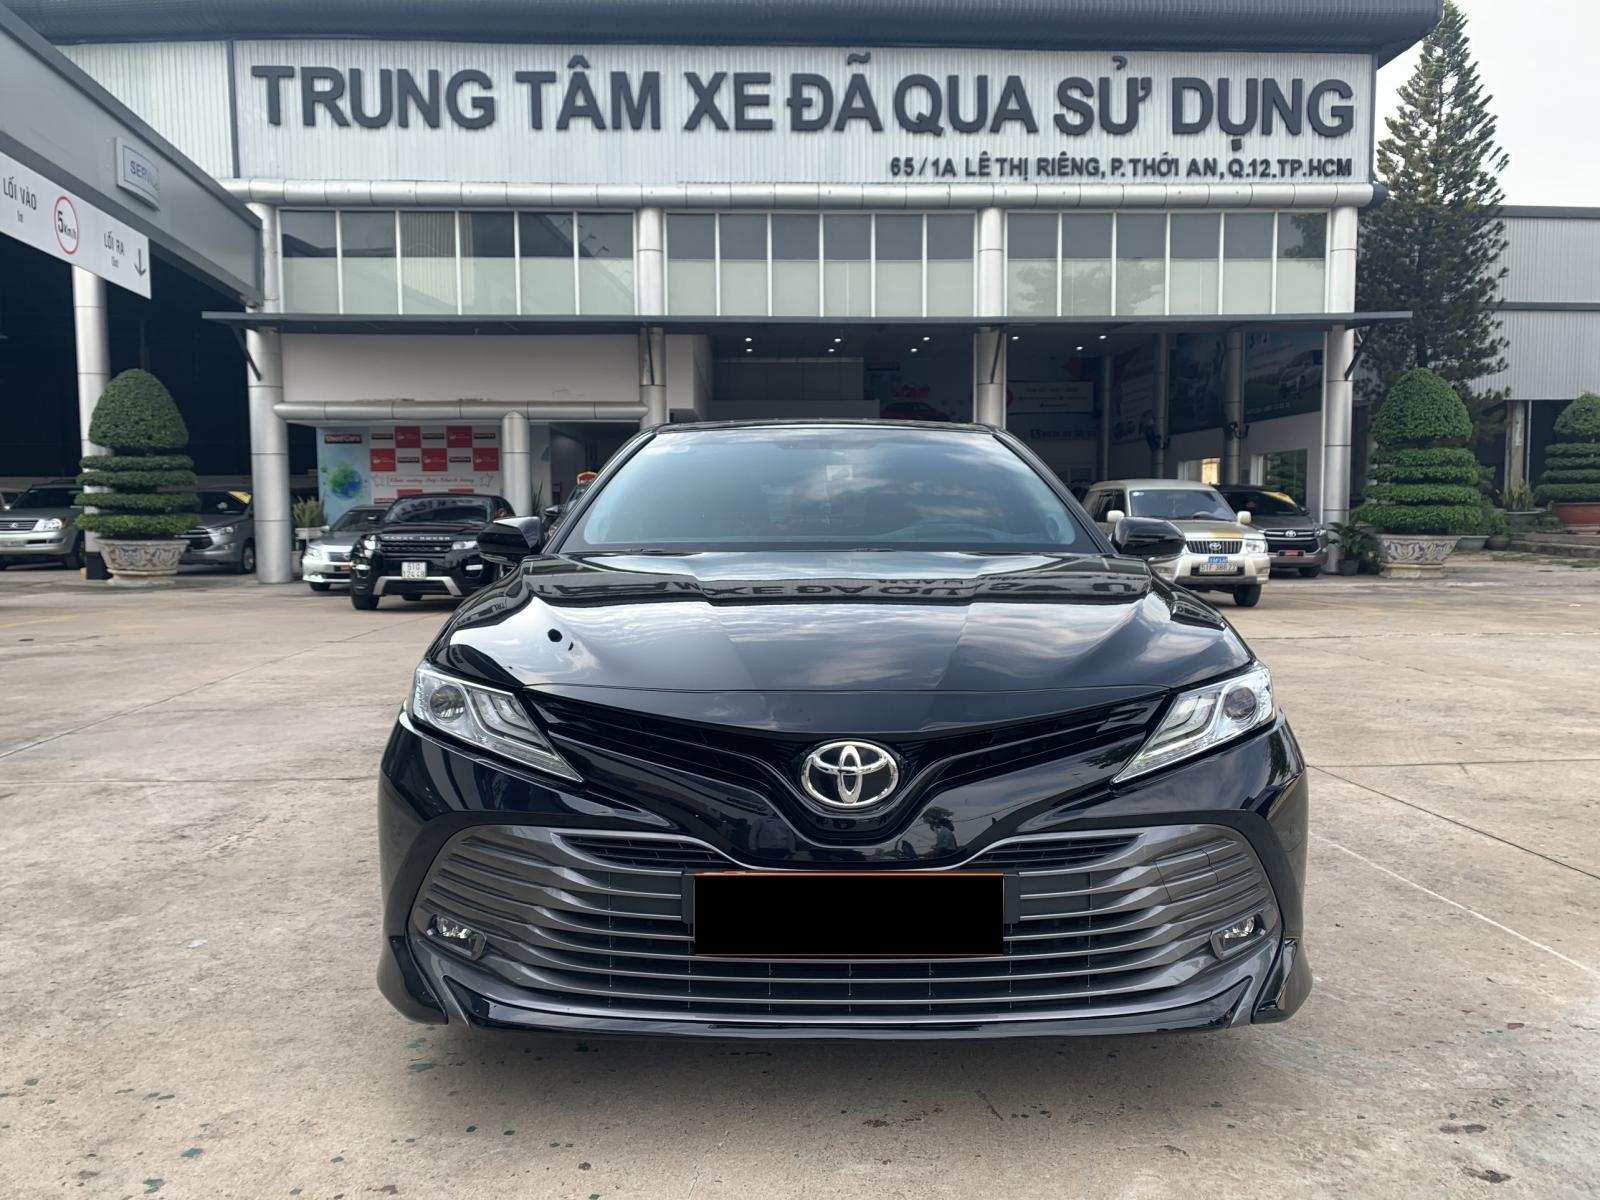 Cần bán xe Toyota Camry 2.5Q 2019 màu đen nhập Thái chính hãng Toyota Sure